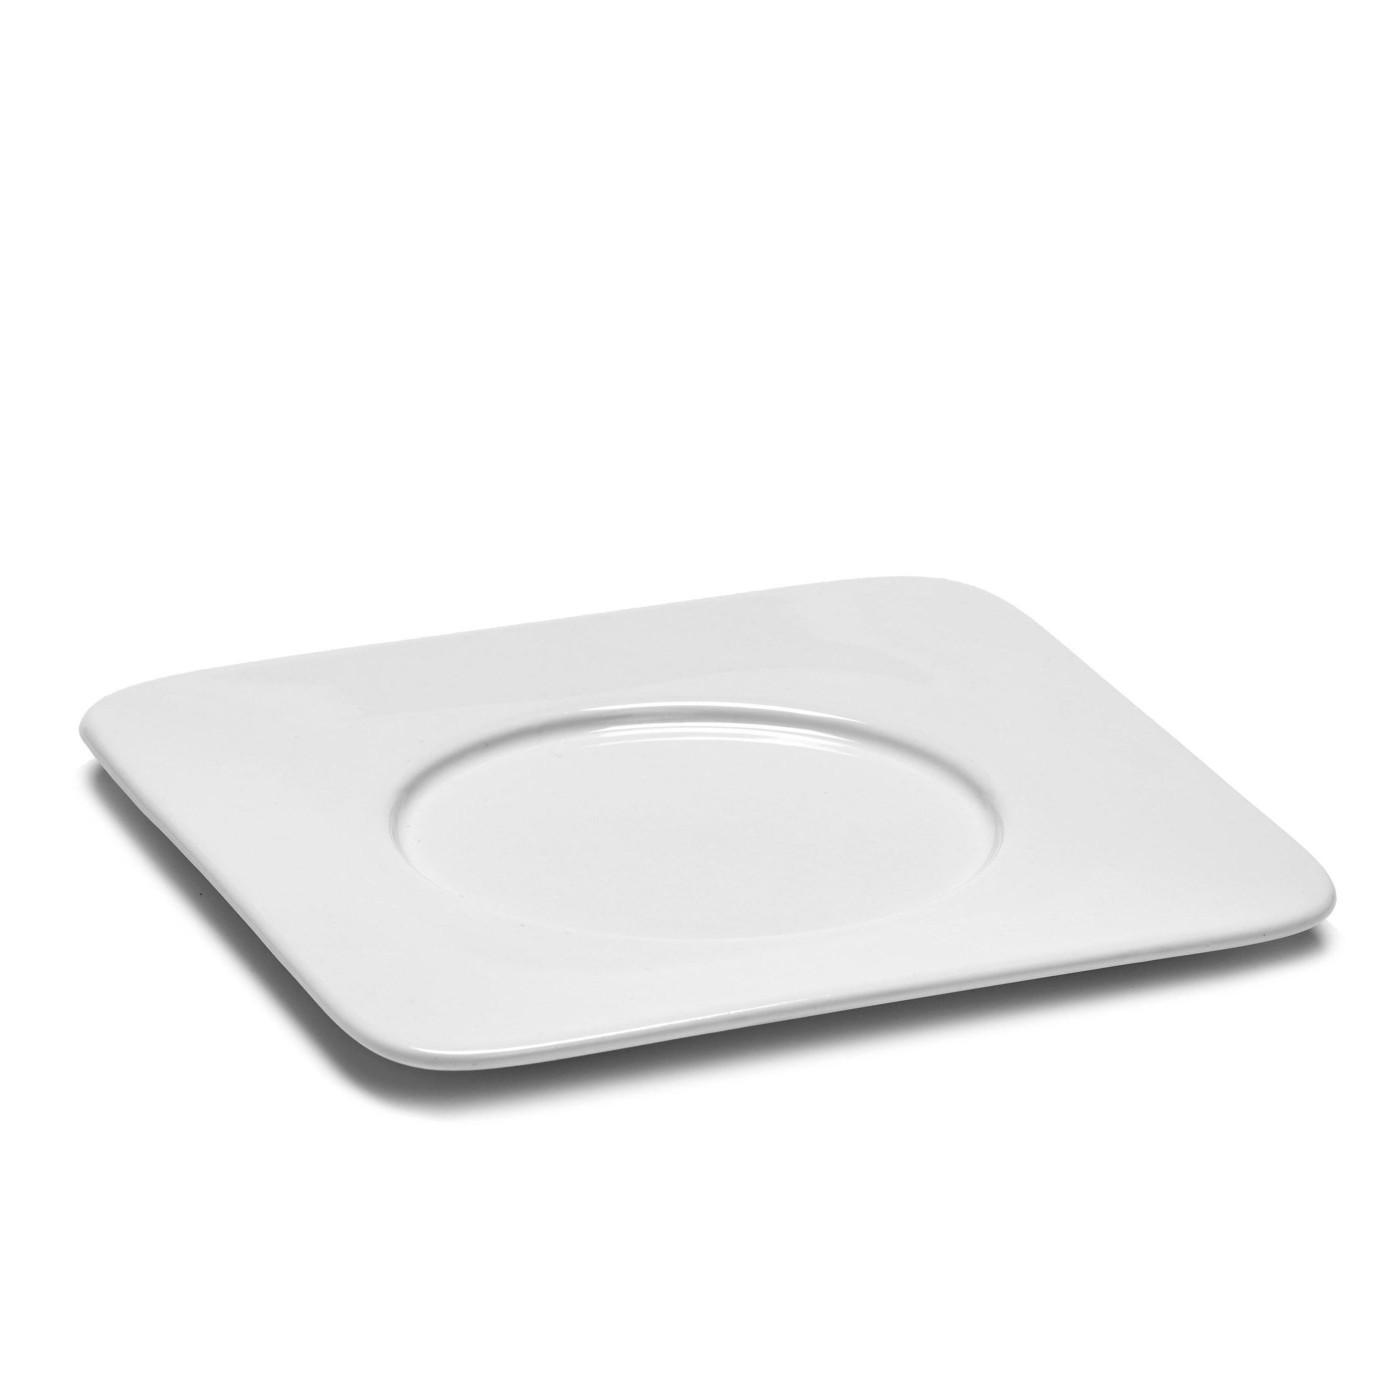 Soucoupe carrée en porcelaine blanche 14,7x14,7cm